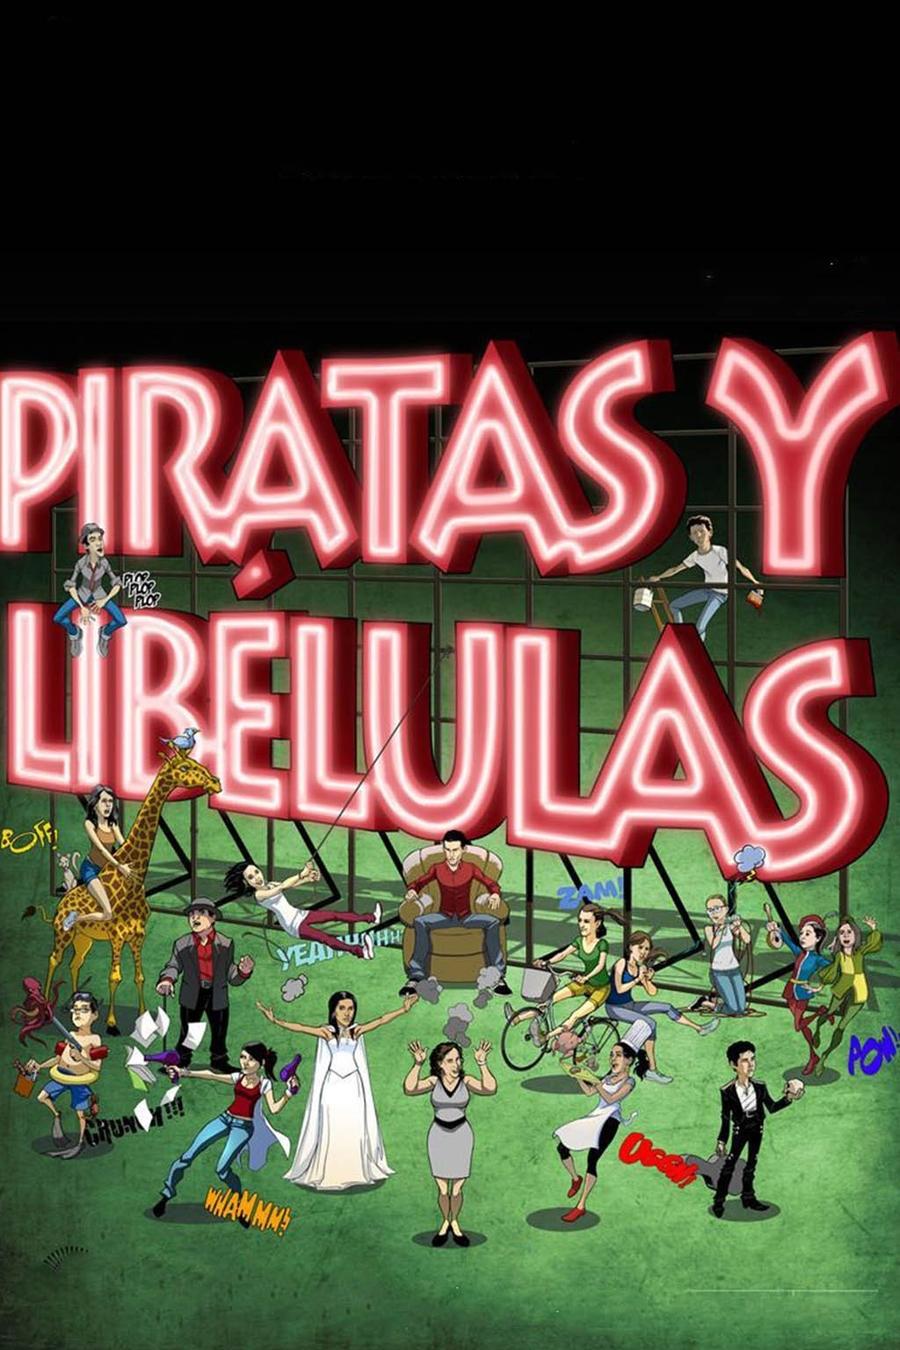 Piratas y Libélulas